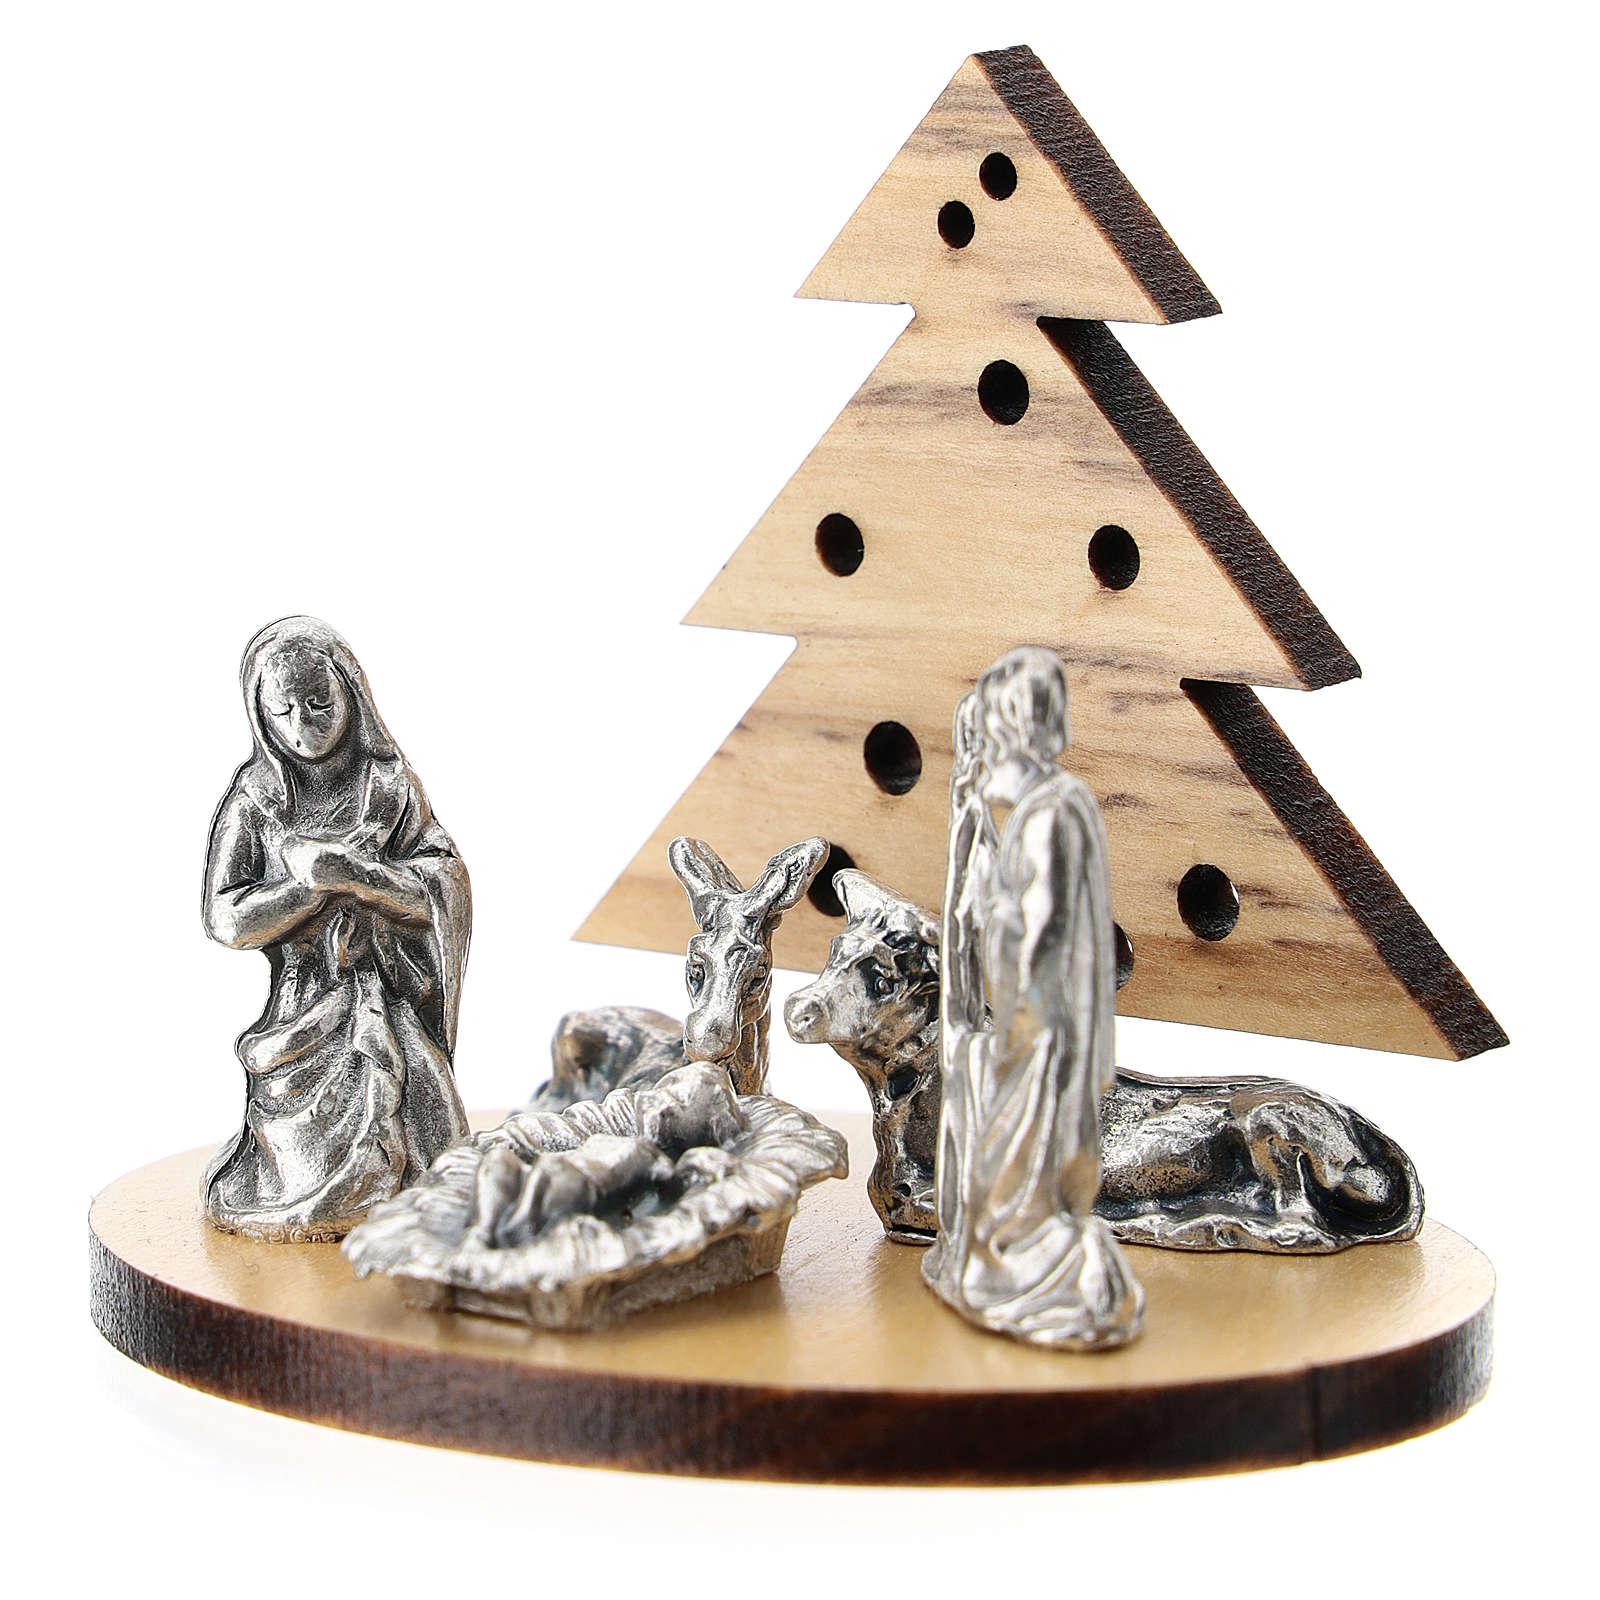 Natività metallo con albero di pino ulivo 5 cm 3